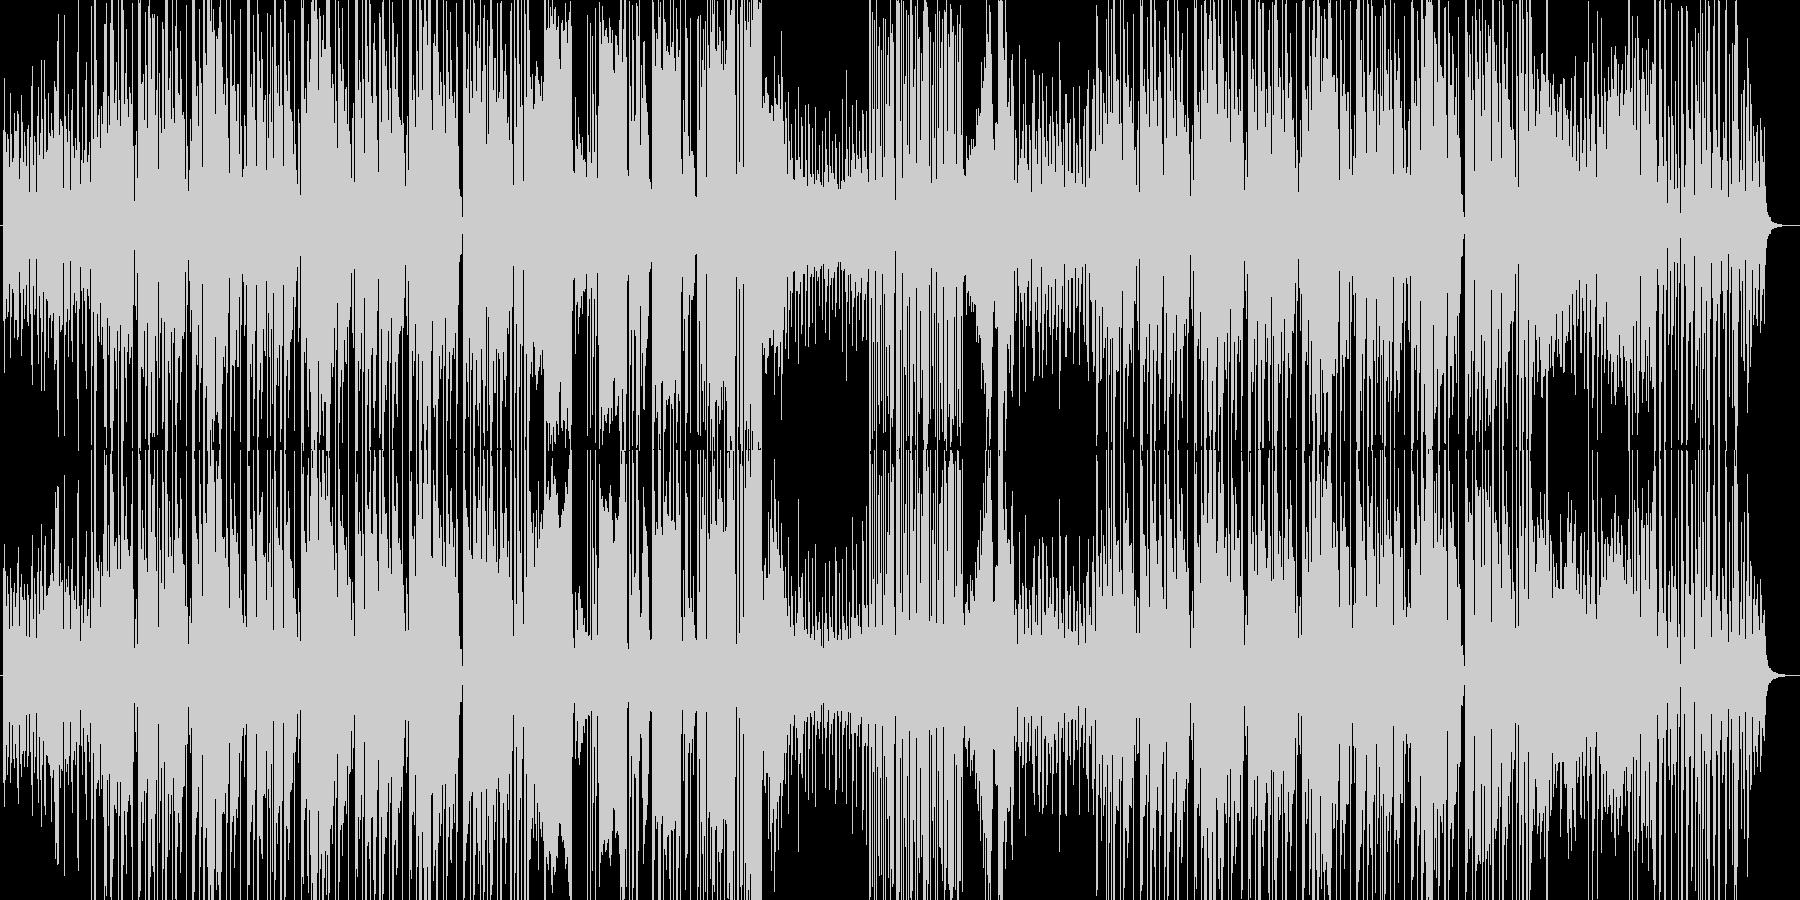 怪しさを感じさせるHIPHOPMUSICの未再生の波形